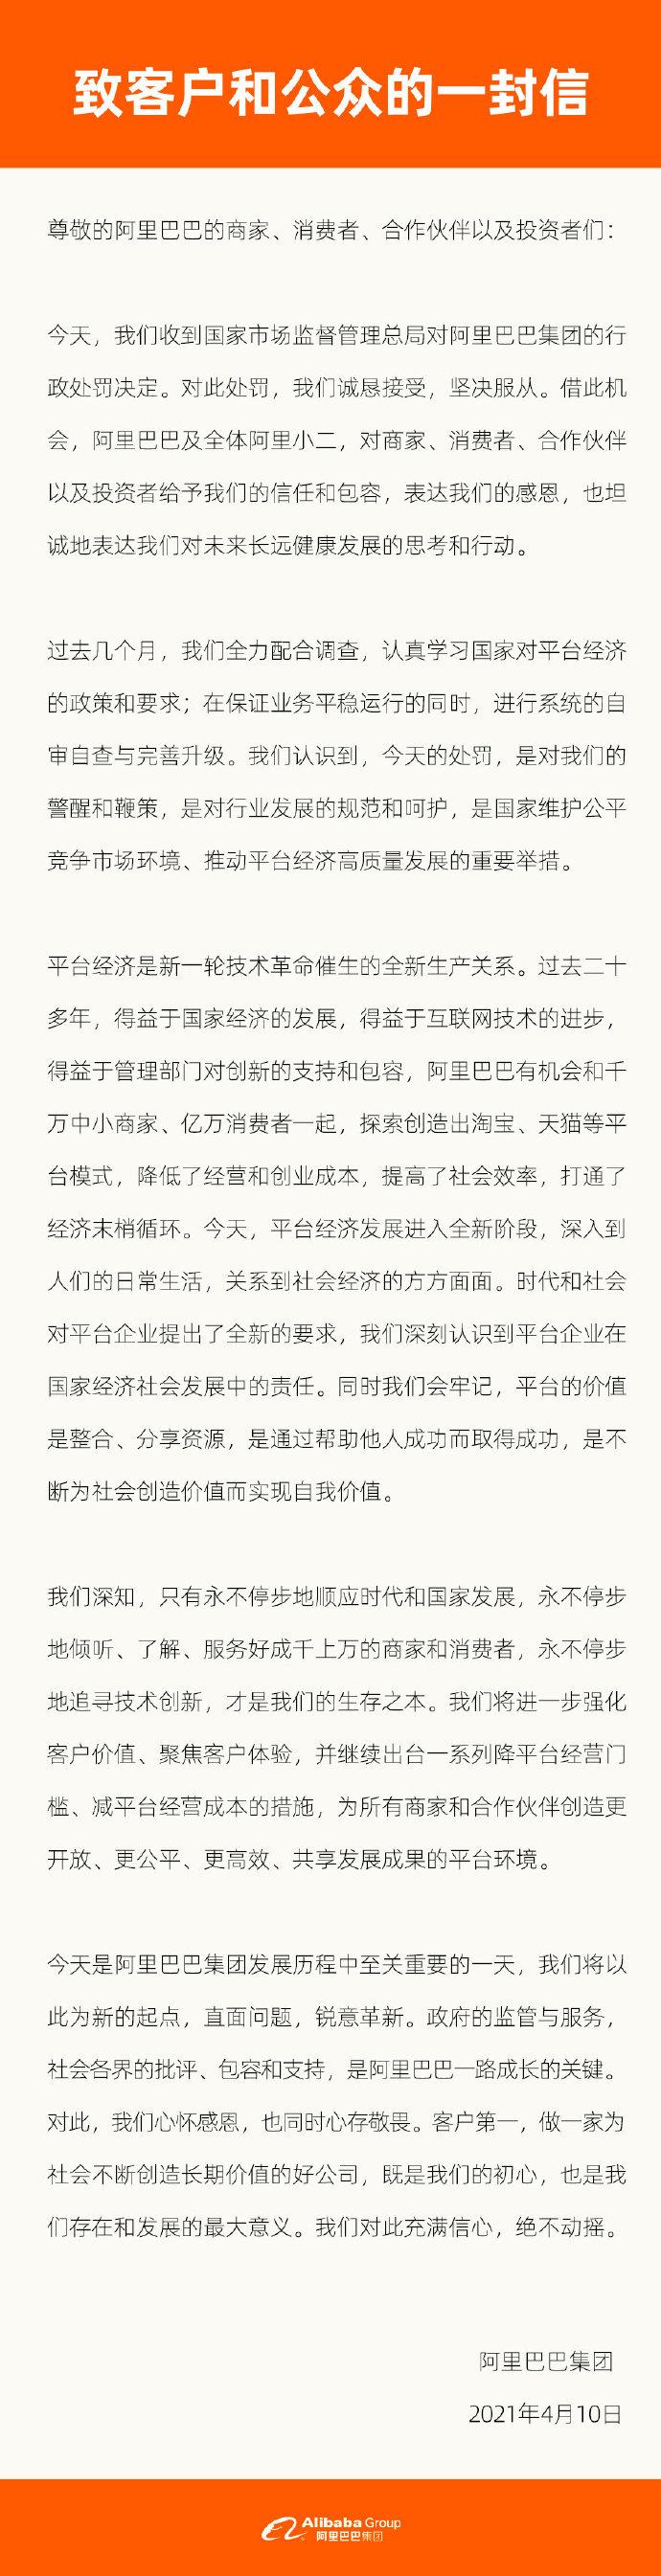 阿里巴巴发布致客户和公众的一封信 -玩懂手机网 - 玩懂手机第一手的手机资讯网(www.wdshouji.com)